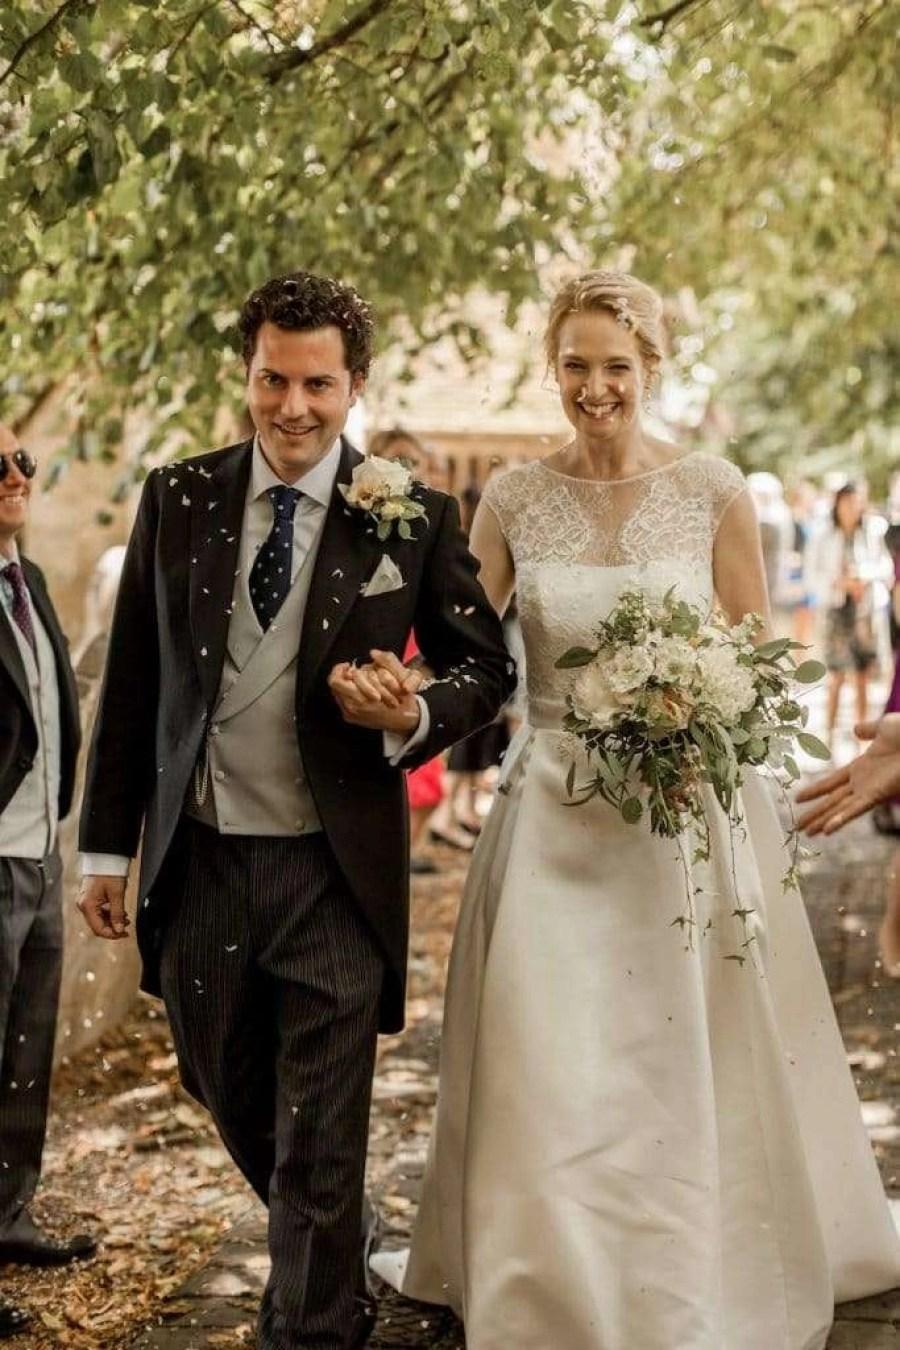 tori-harris-makeup-artist-bride-wedding-london-hair-stylist-surrey-west-sussex-5